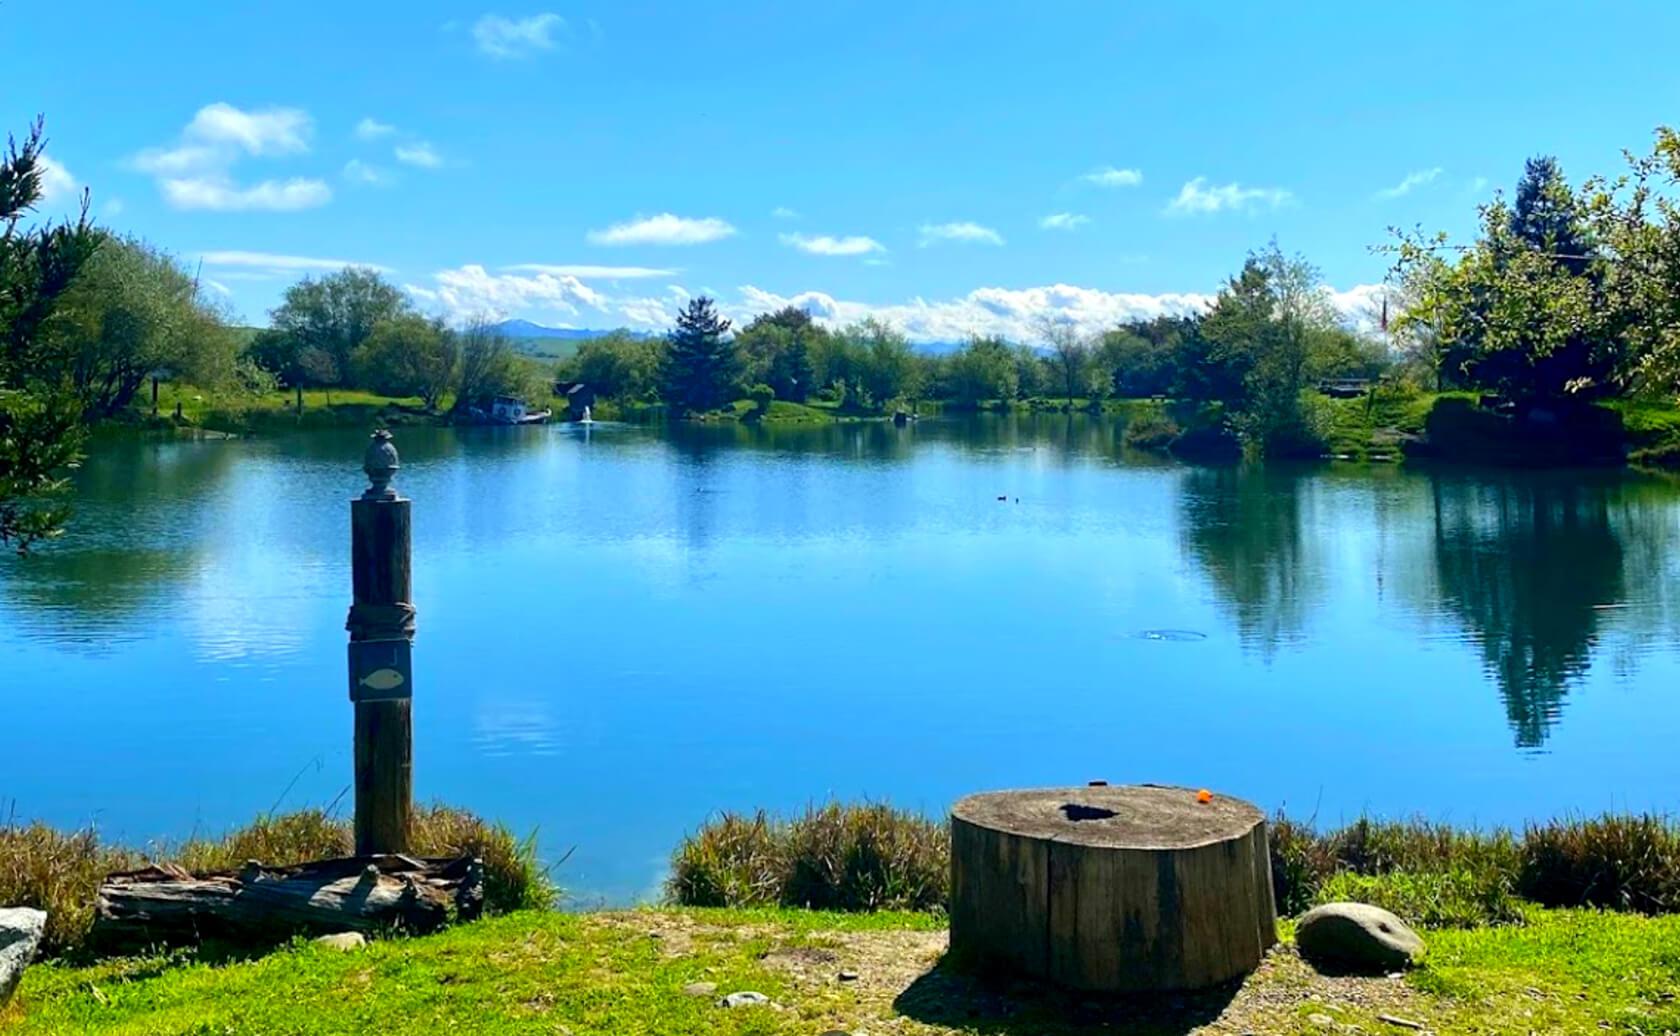 McAlpine-Lake-fishing-guide-report-San-Juan-Bautista-ca-06